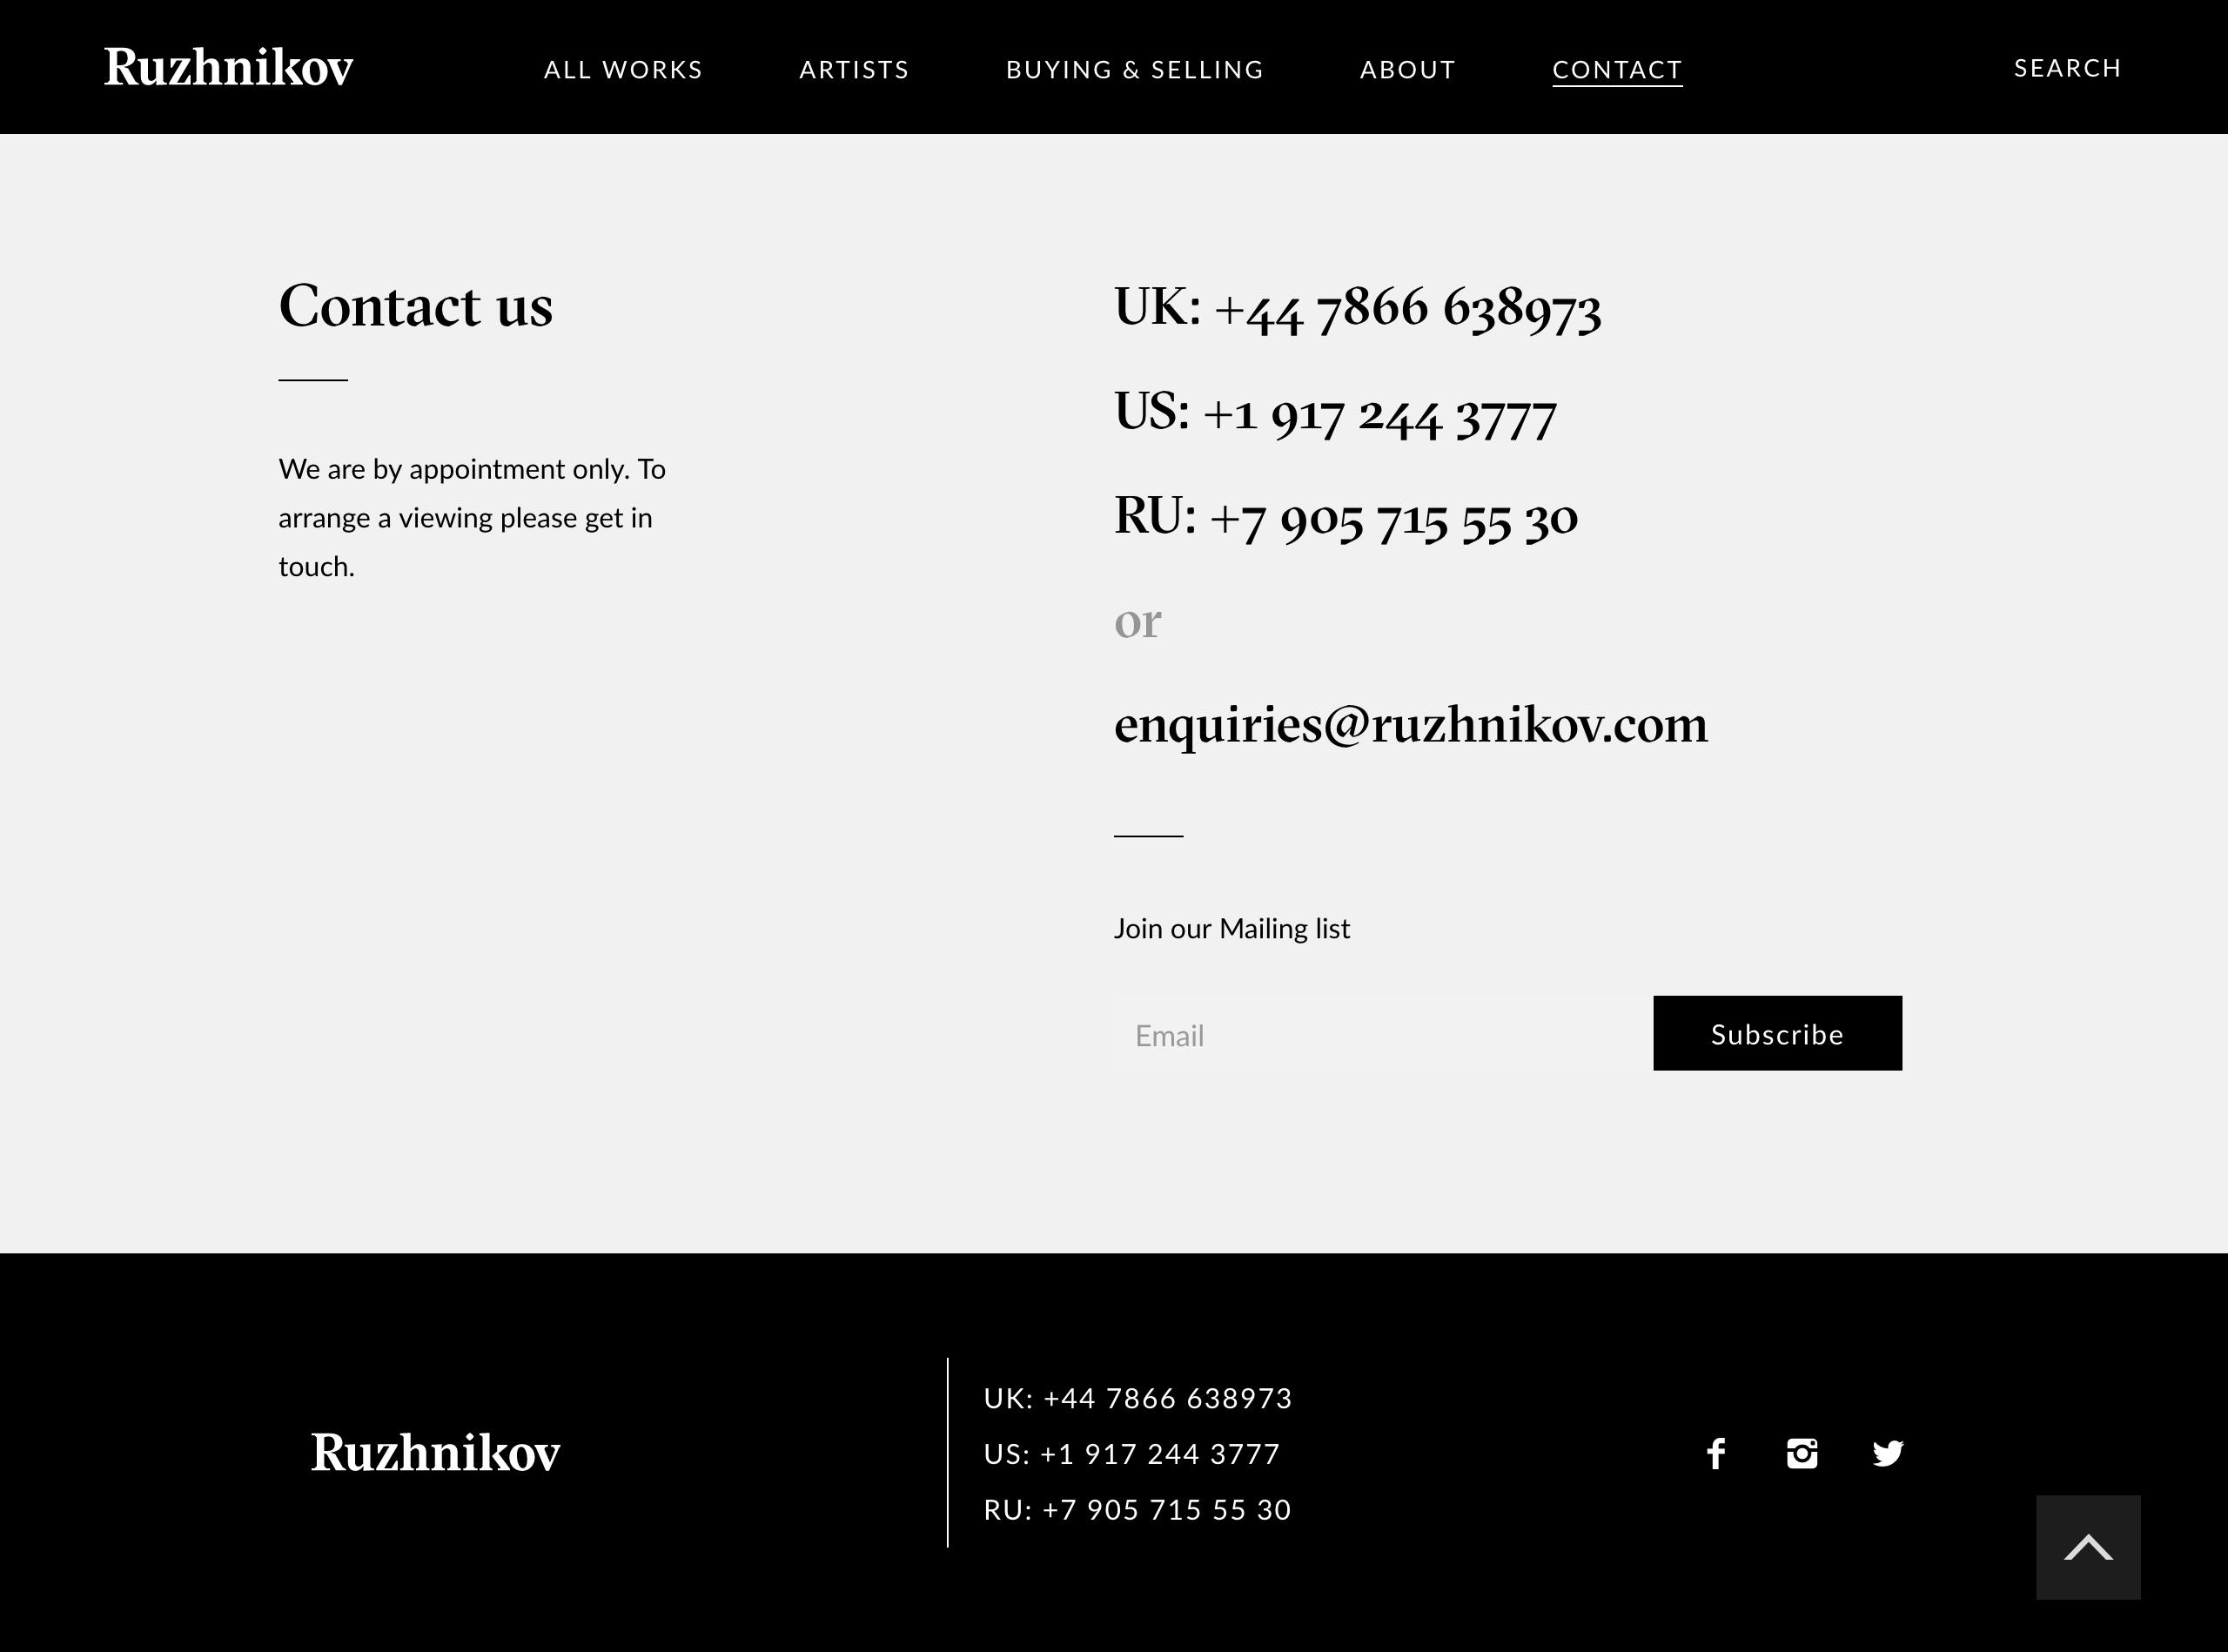 ruzhnikov contact page design